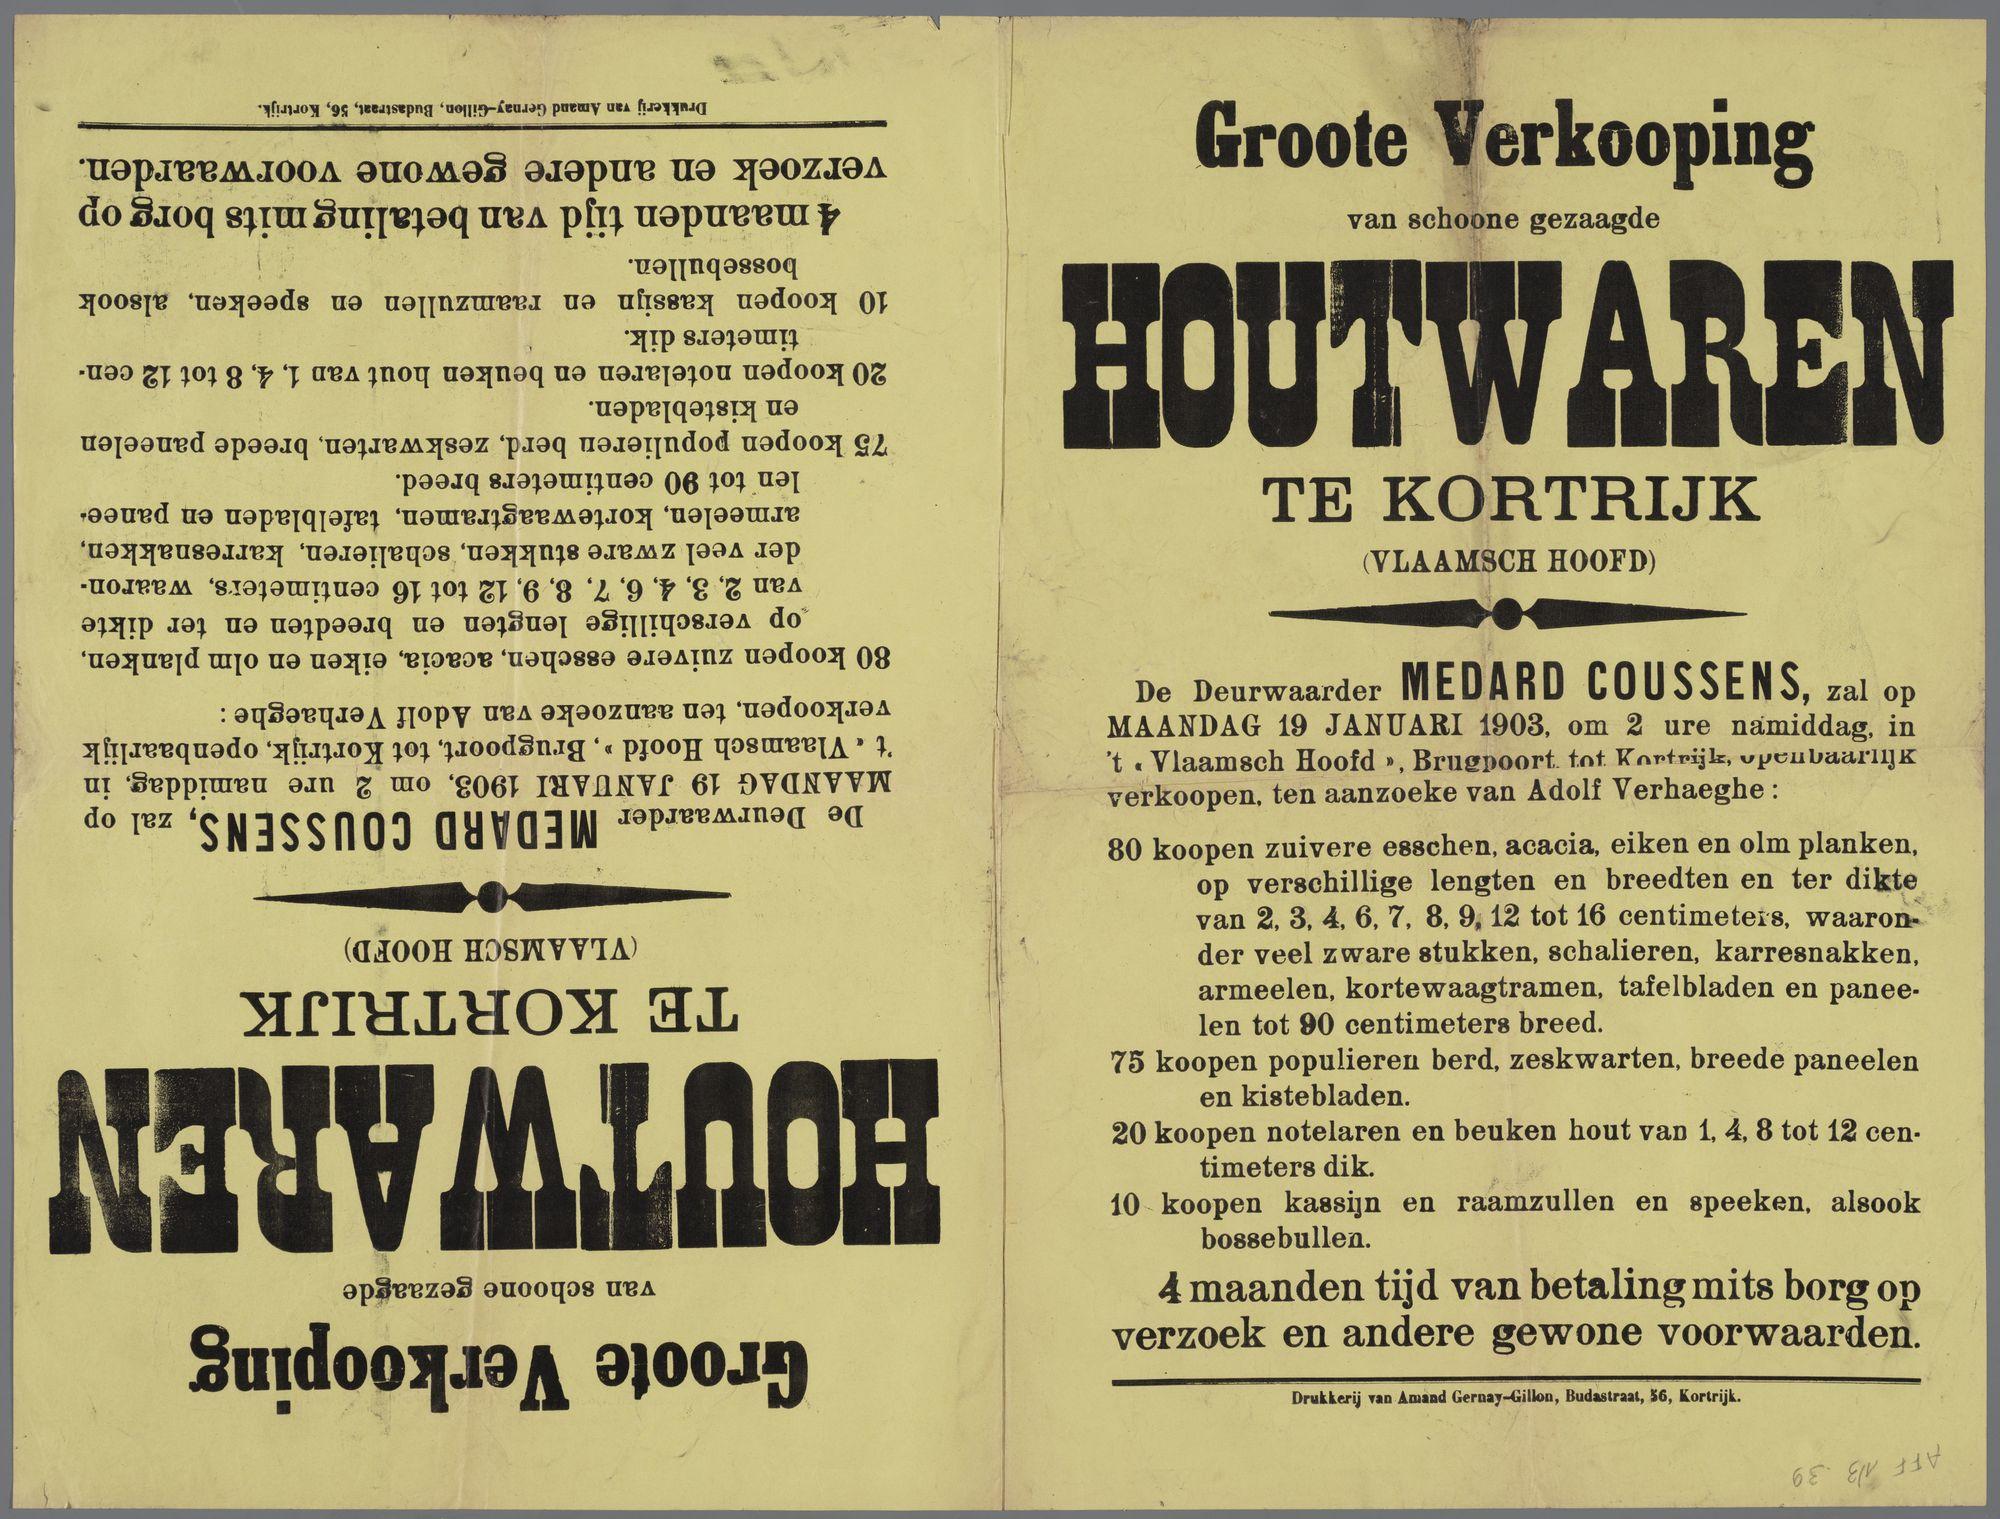 Verkoop van houtwaren 1903